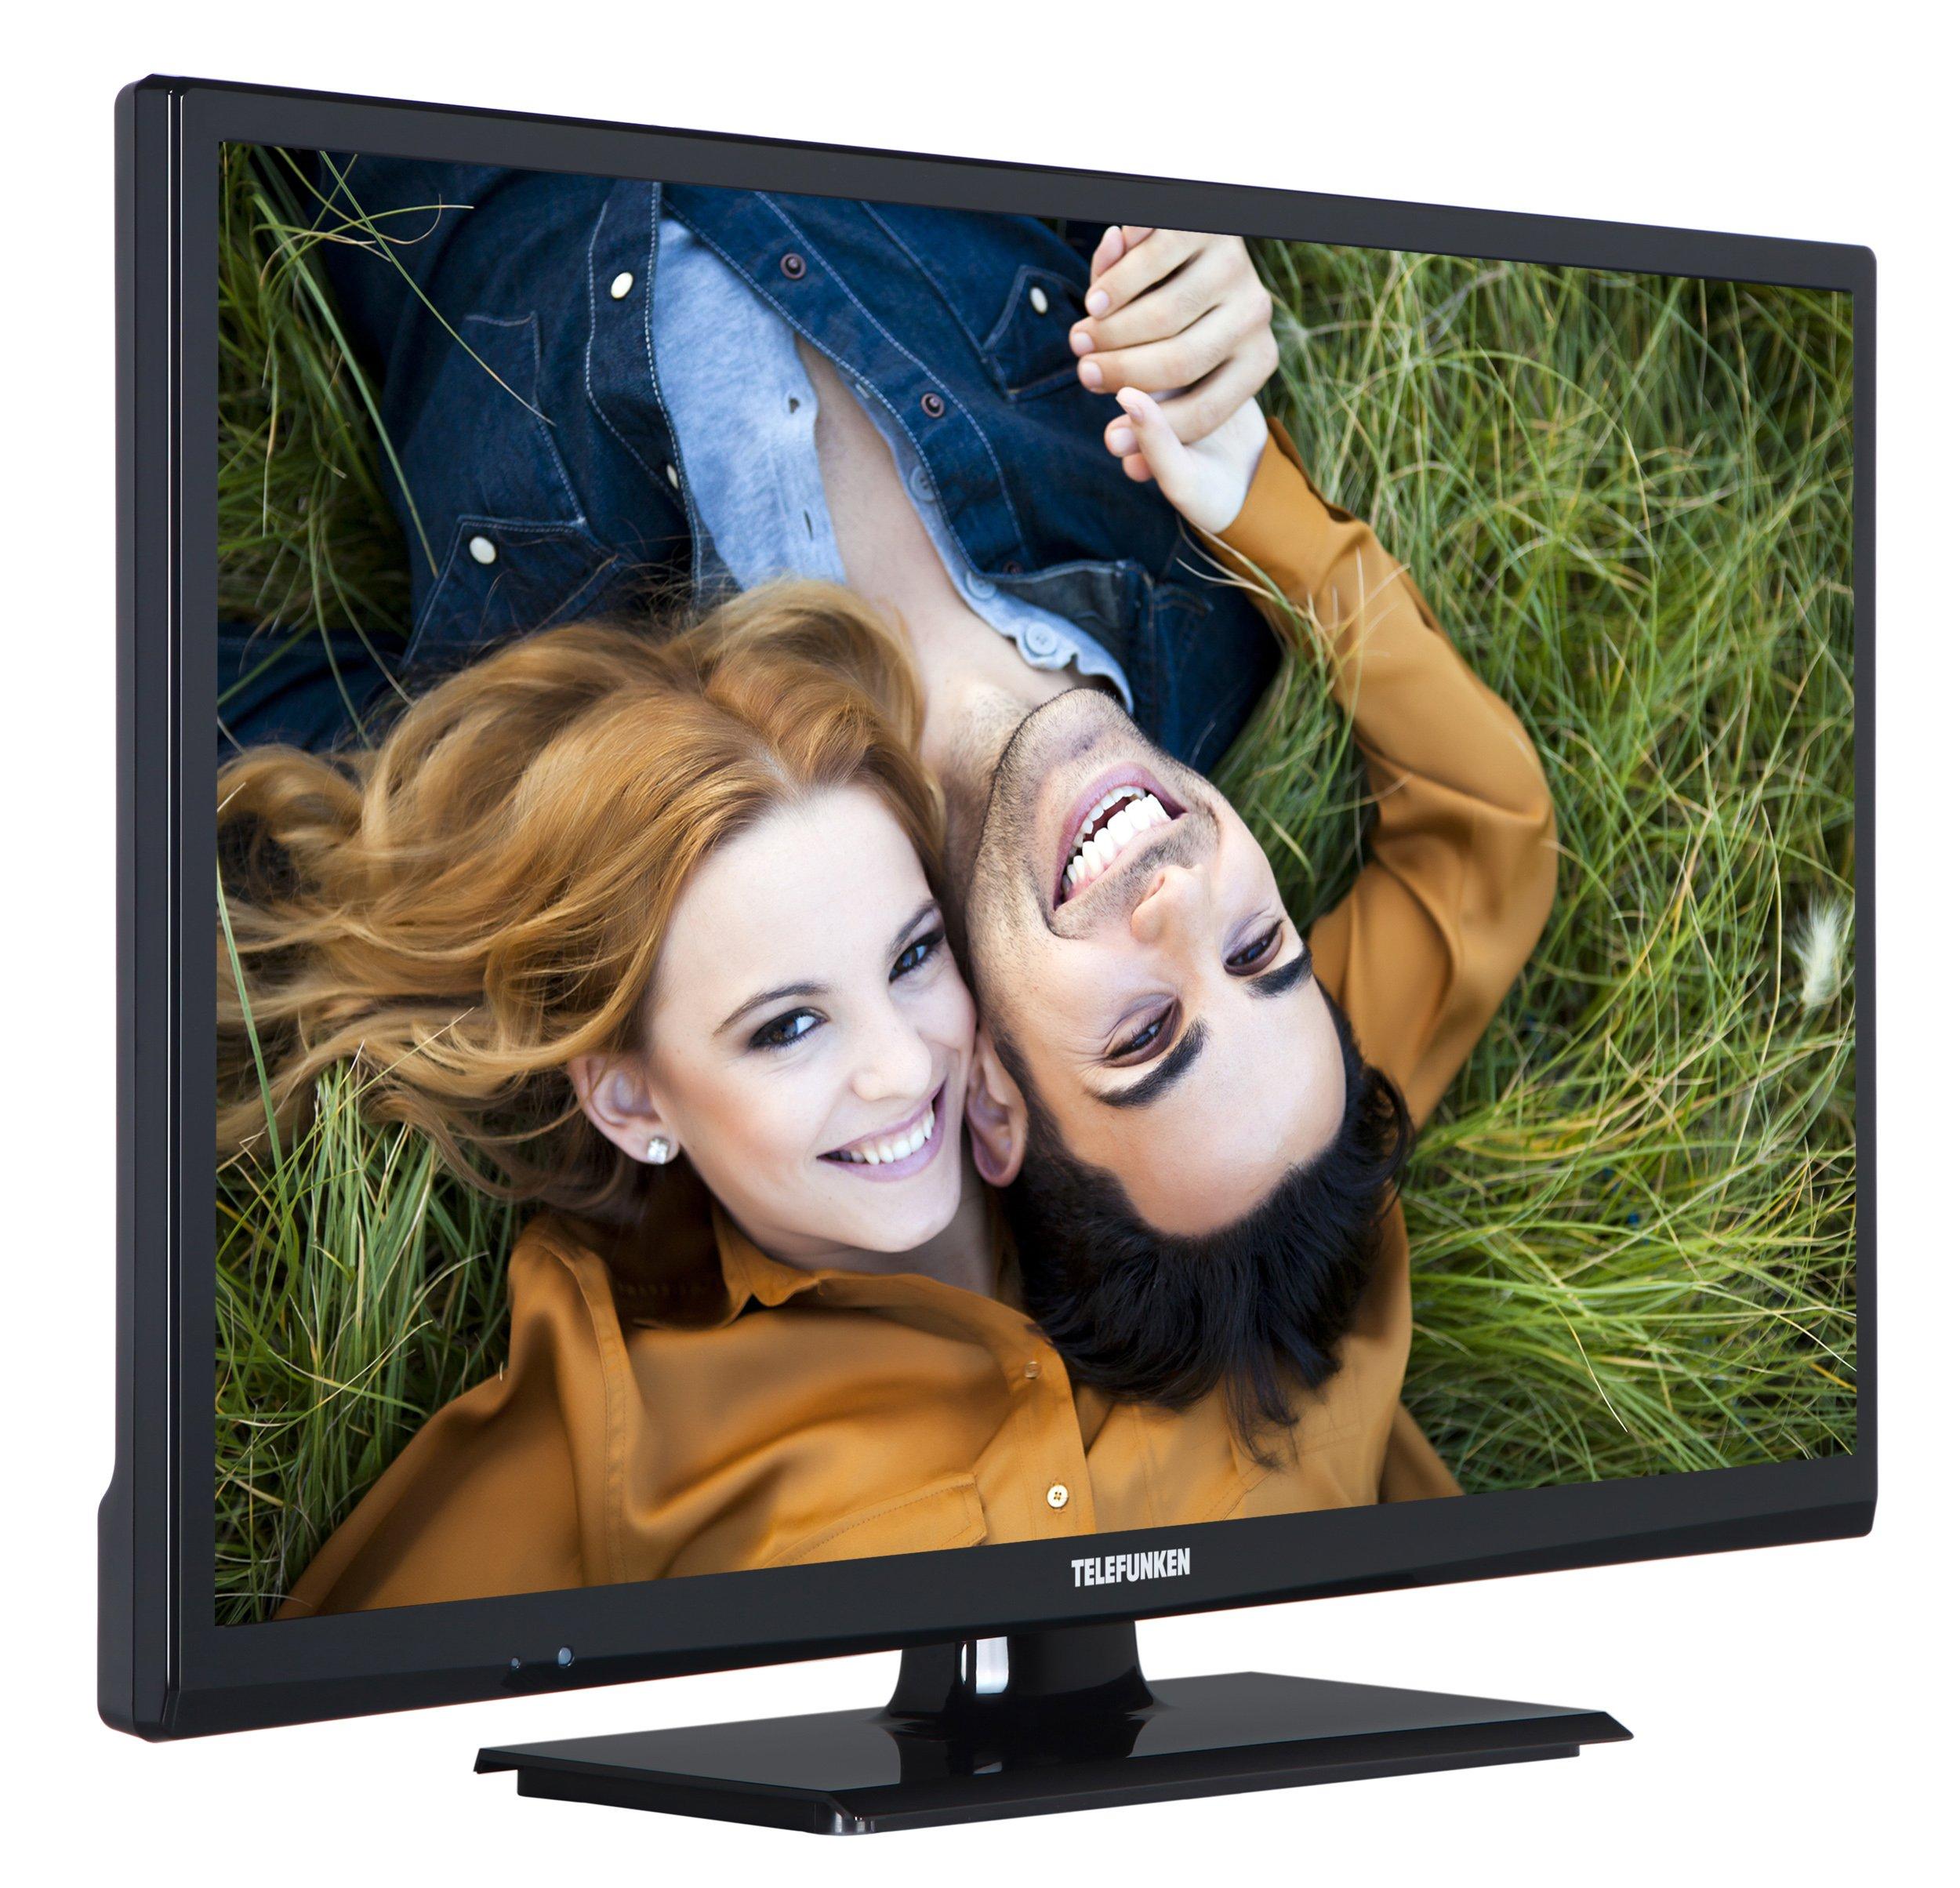 Televisor Telefunken XH24A101 de 61 cm (24 pulgadas) (HD Ready, sintonizador triple): Amazon.es: Electrónica